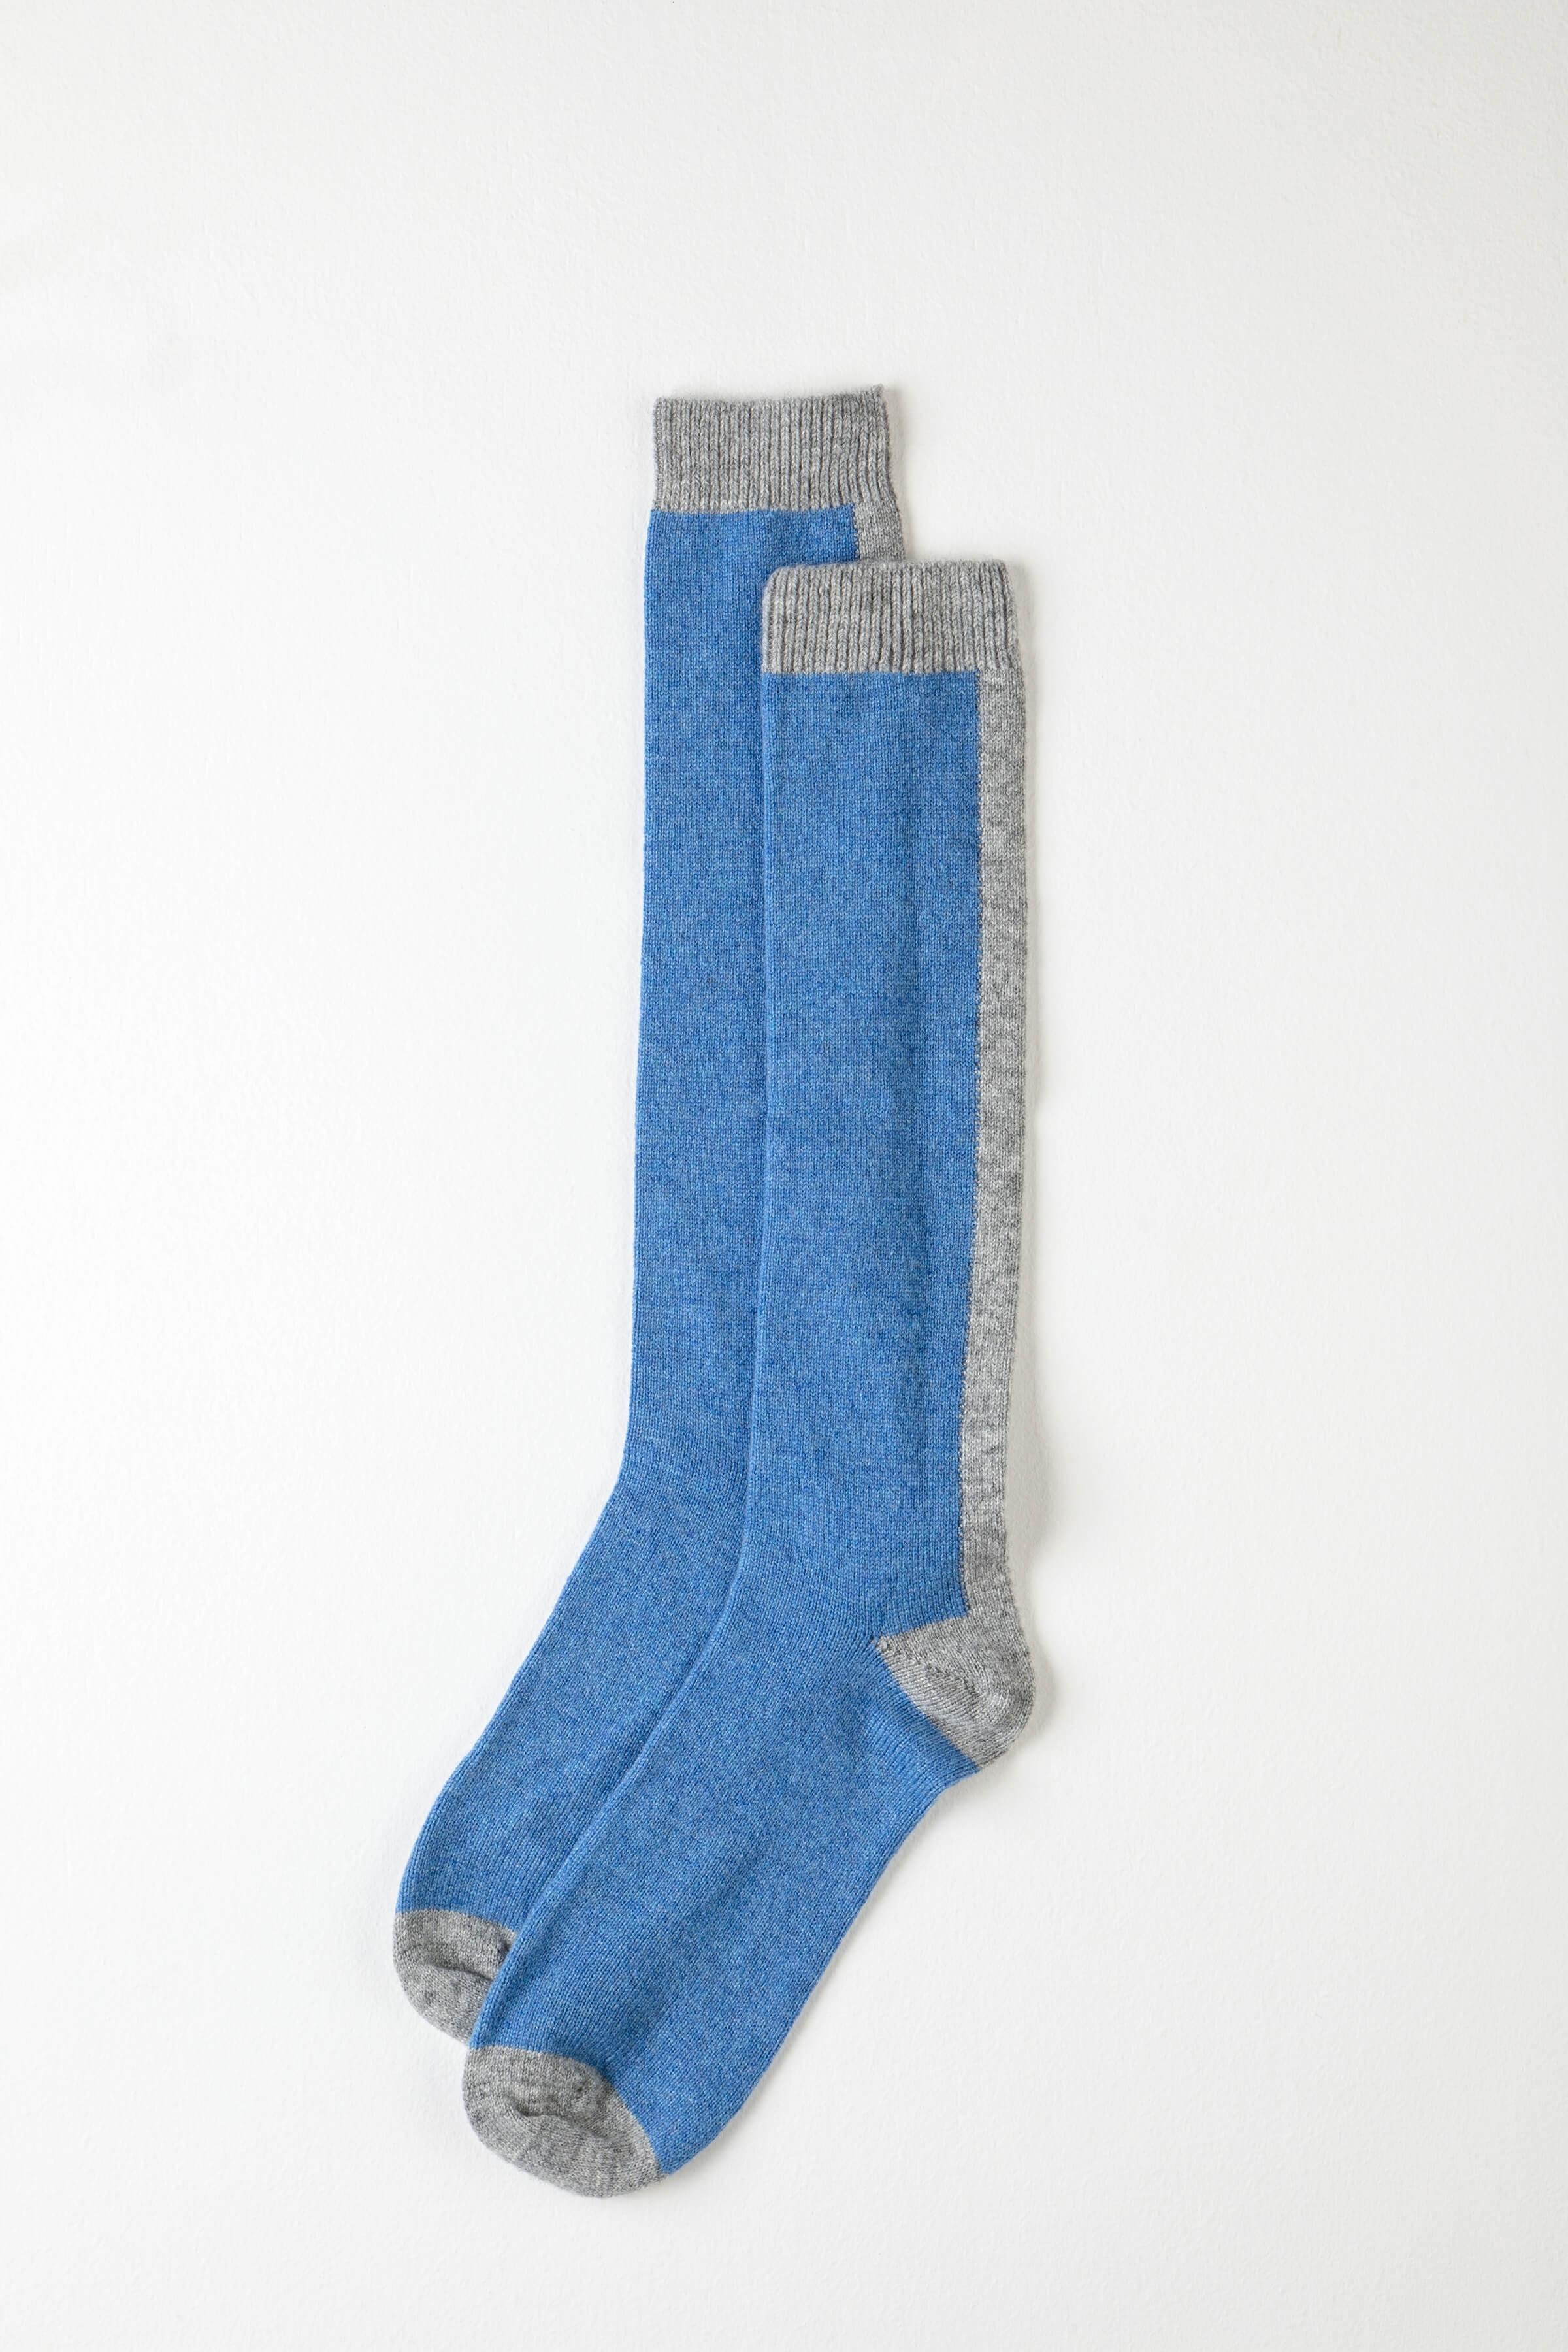 JOHNSTONS OF ELGIN Johnstons Of Elgin Delph Blue Long Colour Block Womens Cashmere Socks